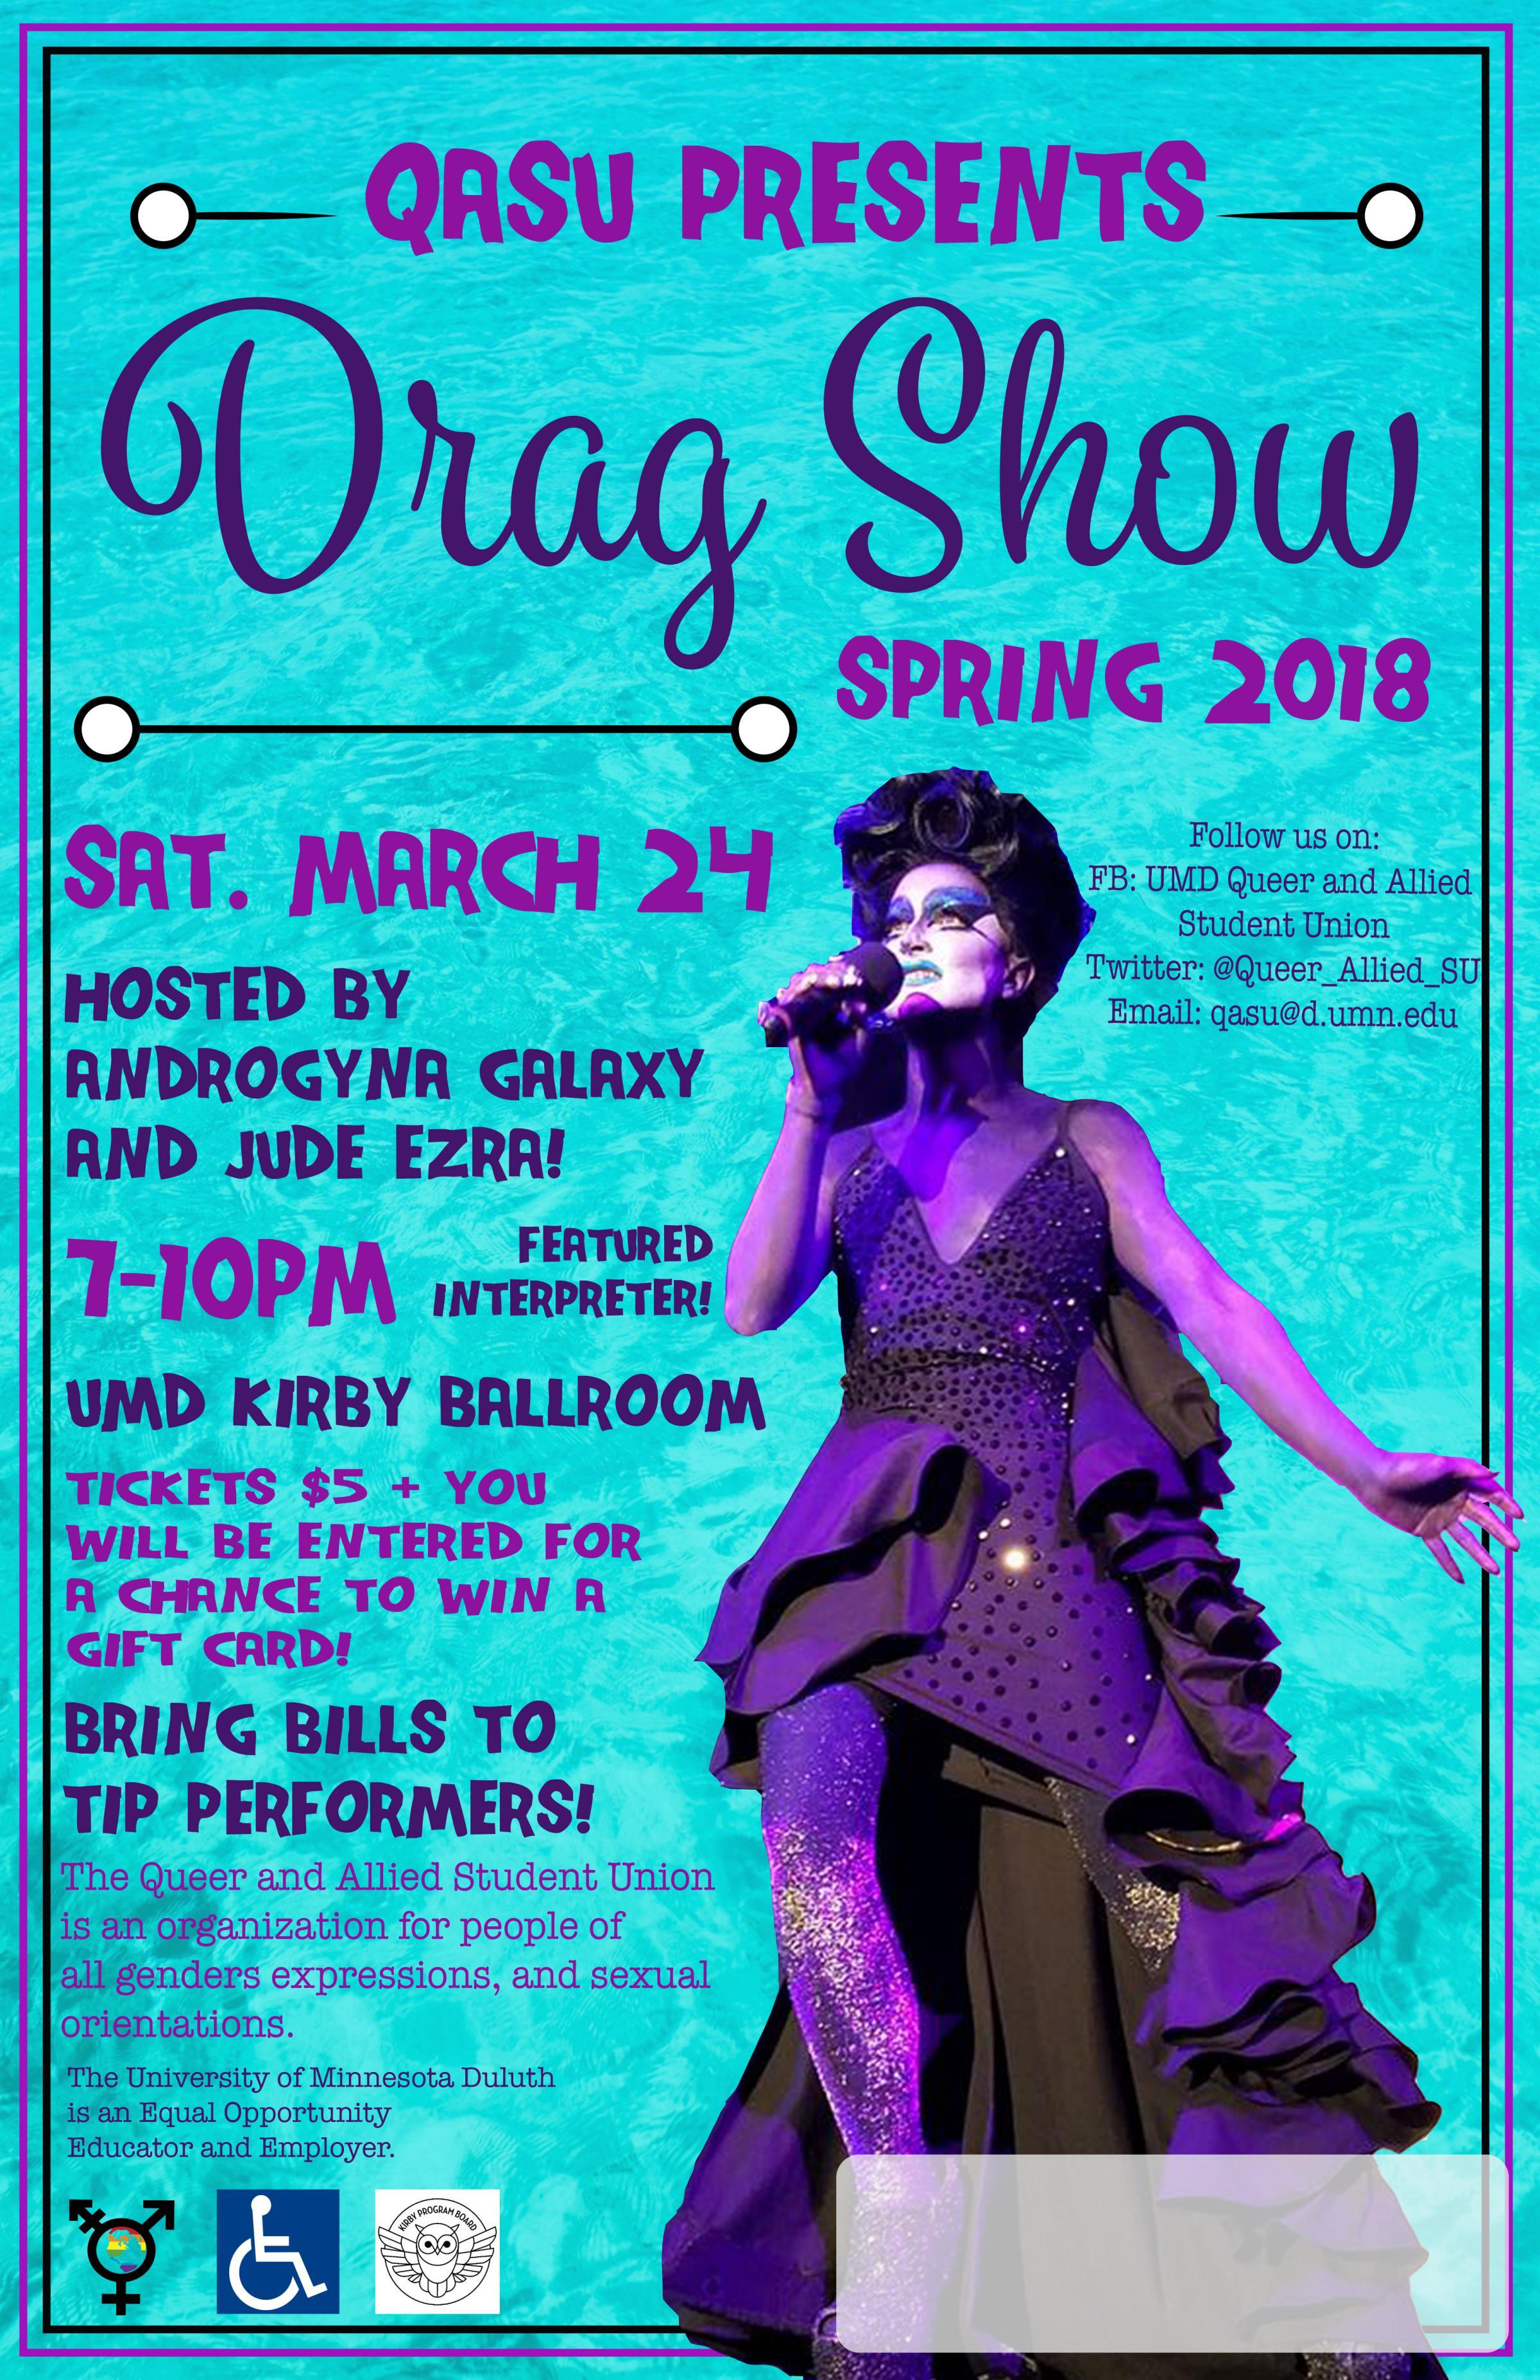 Qasu Drag Show Ticket Giveaway Kumd